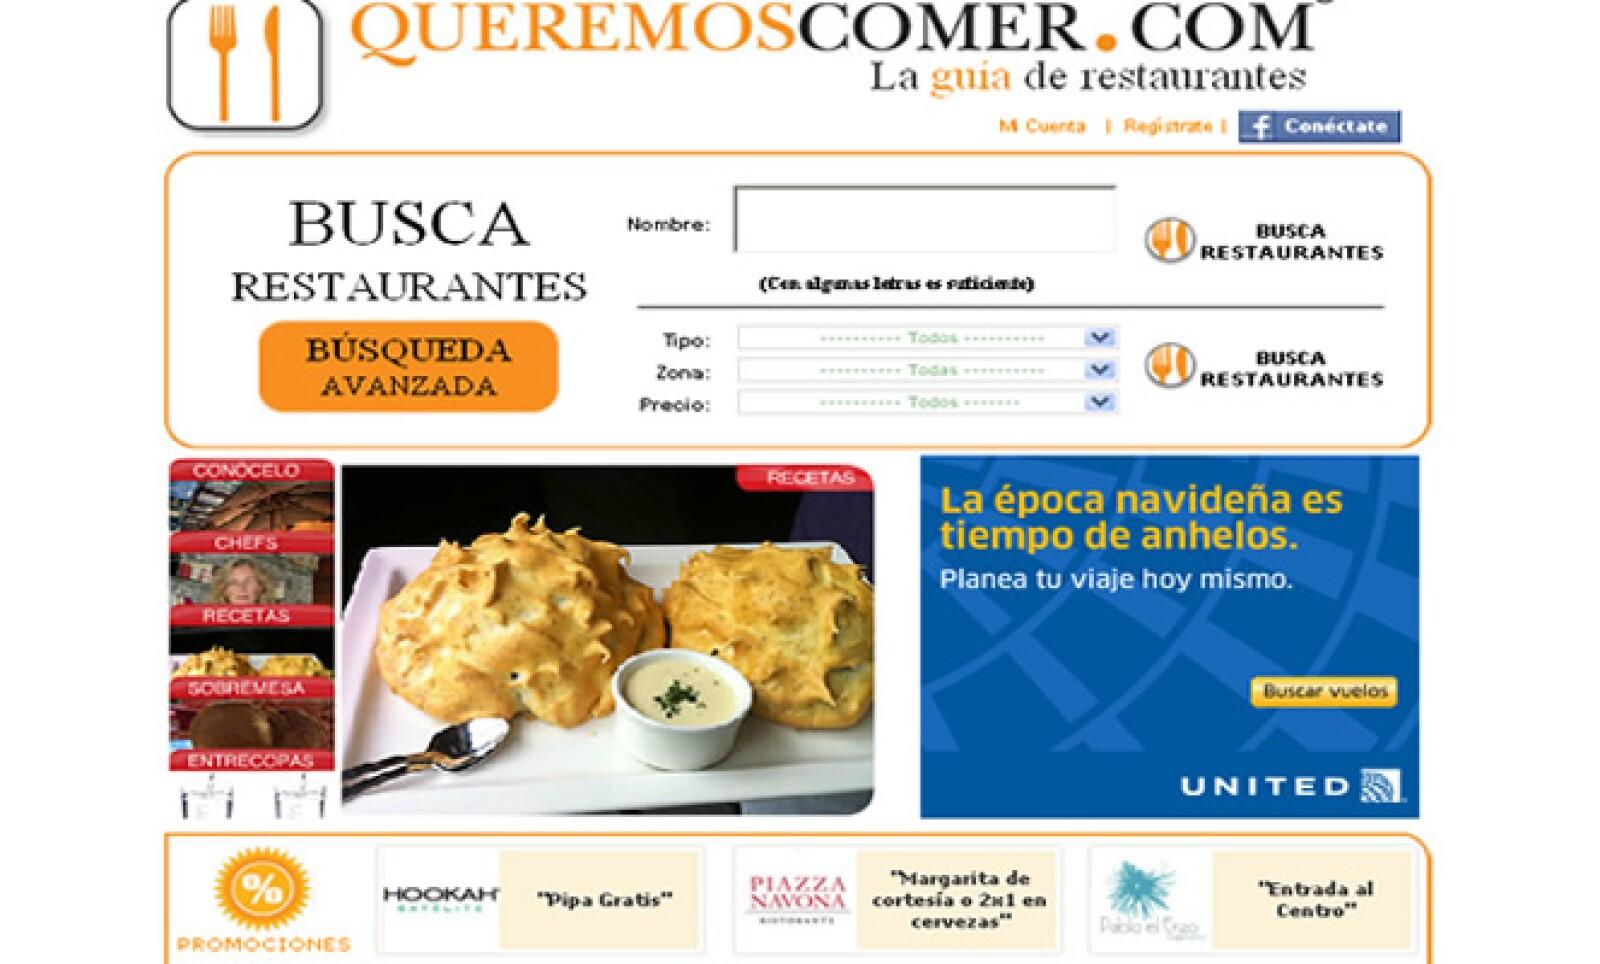 Dreamscan tiene la guía de restaurantes online más completa y detallada de la Ciudad de México, y es finalista en la categoría de 'Consumo'.